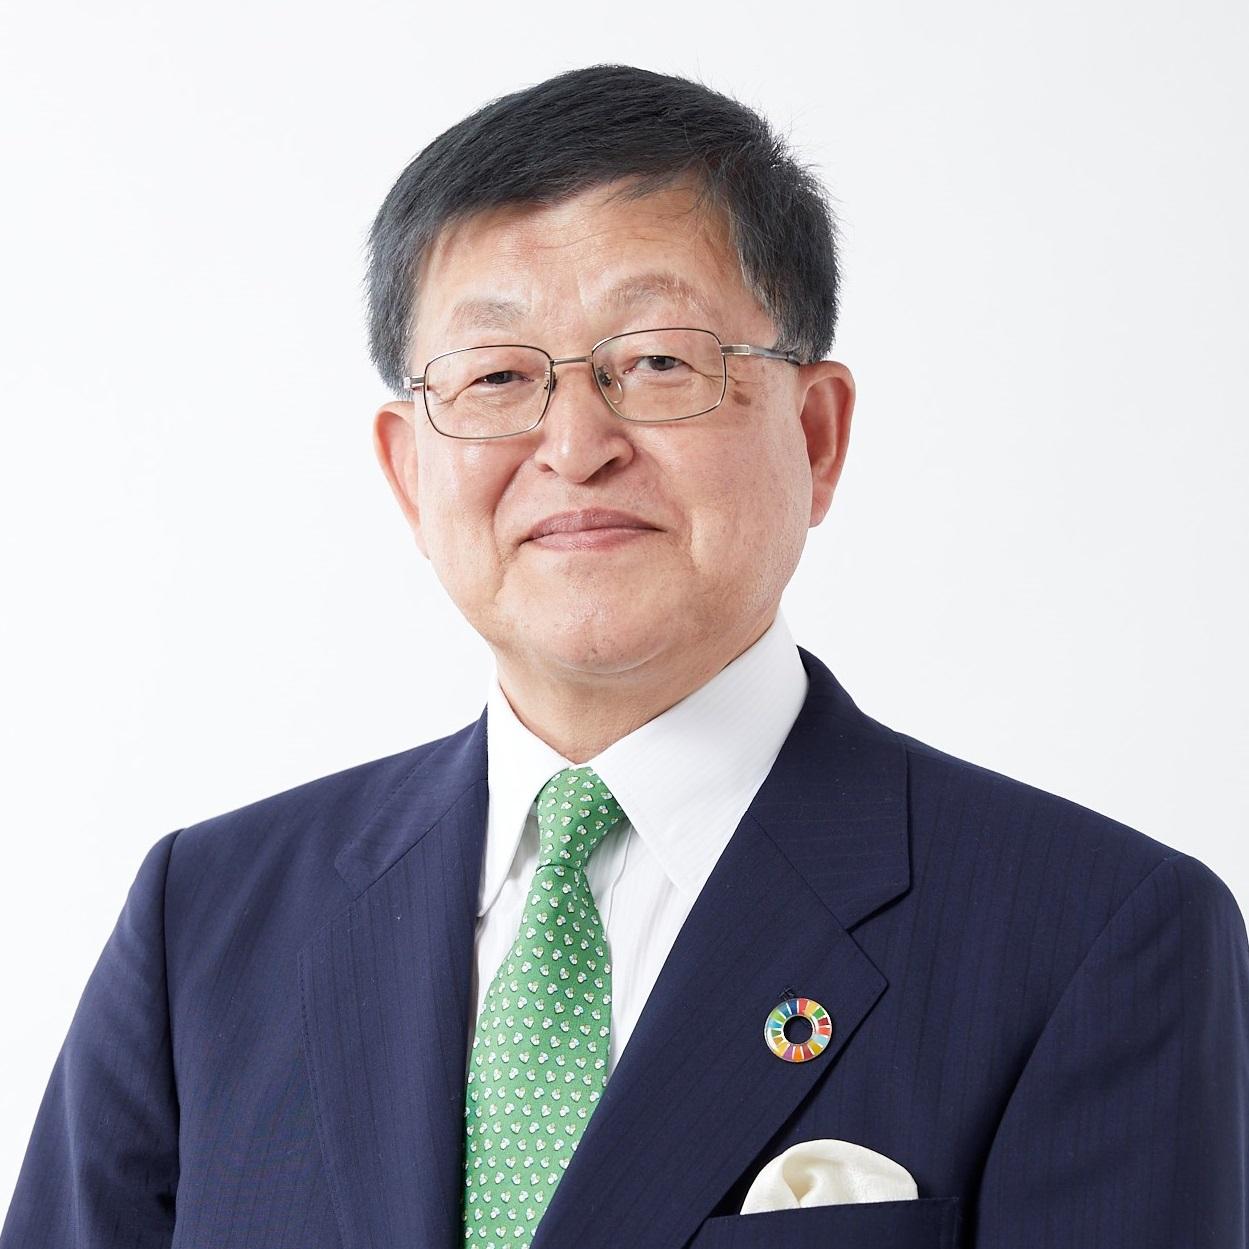 Hidemitsu Sasaya